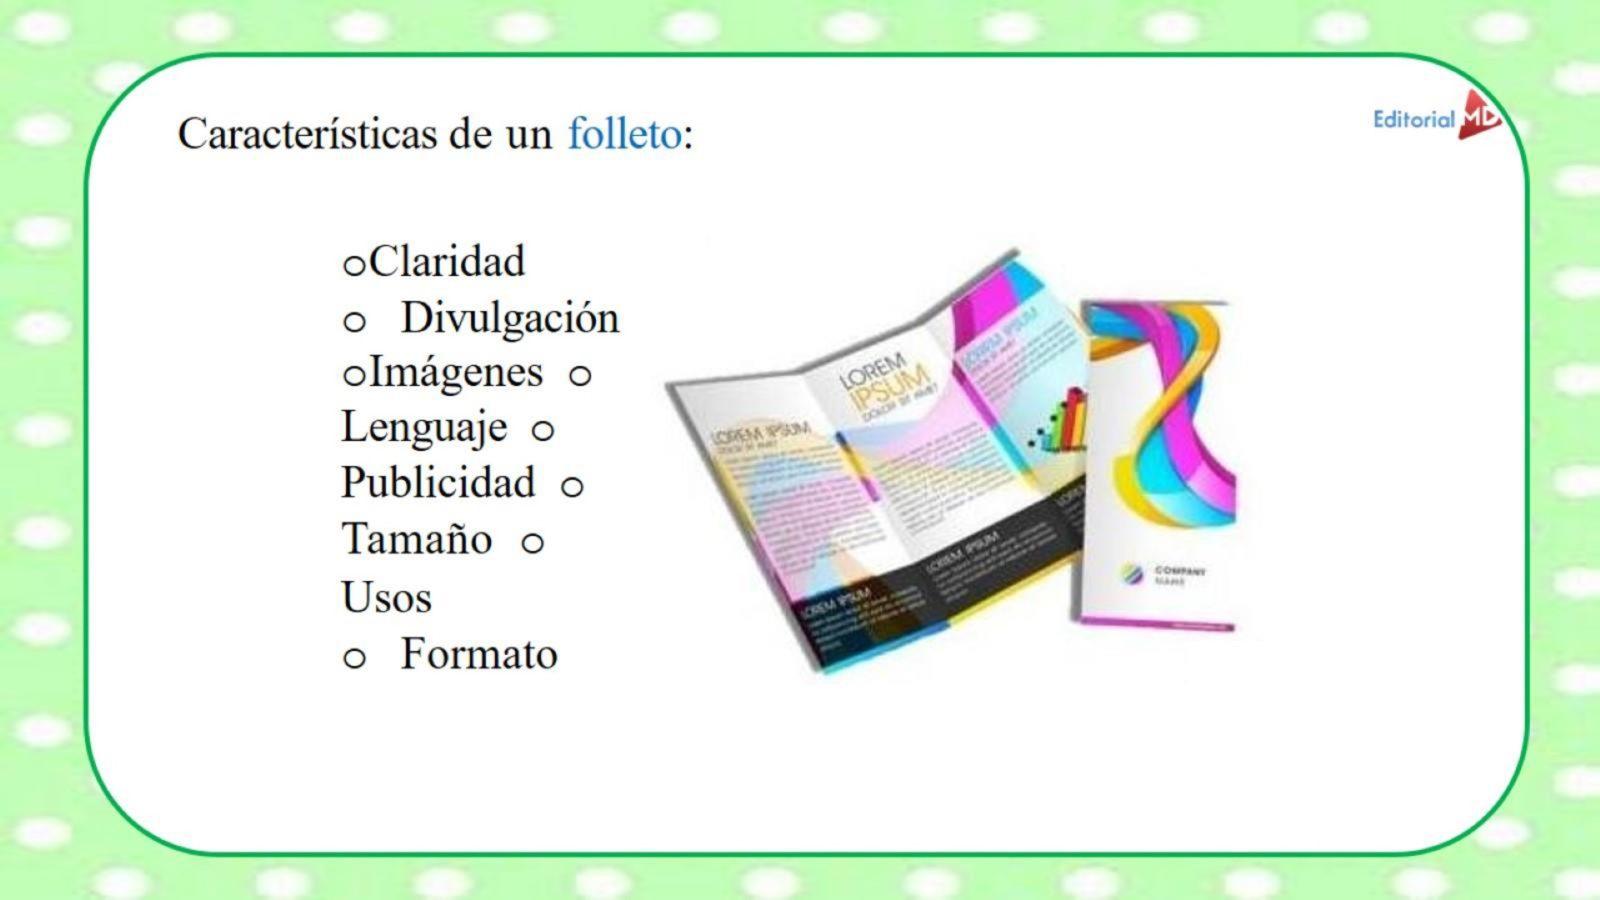 folletos características y ejemplos para niños de primaria